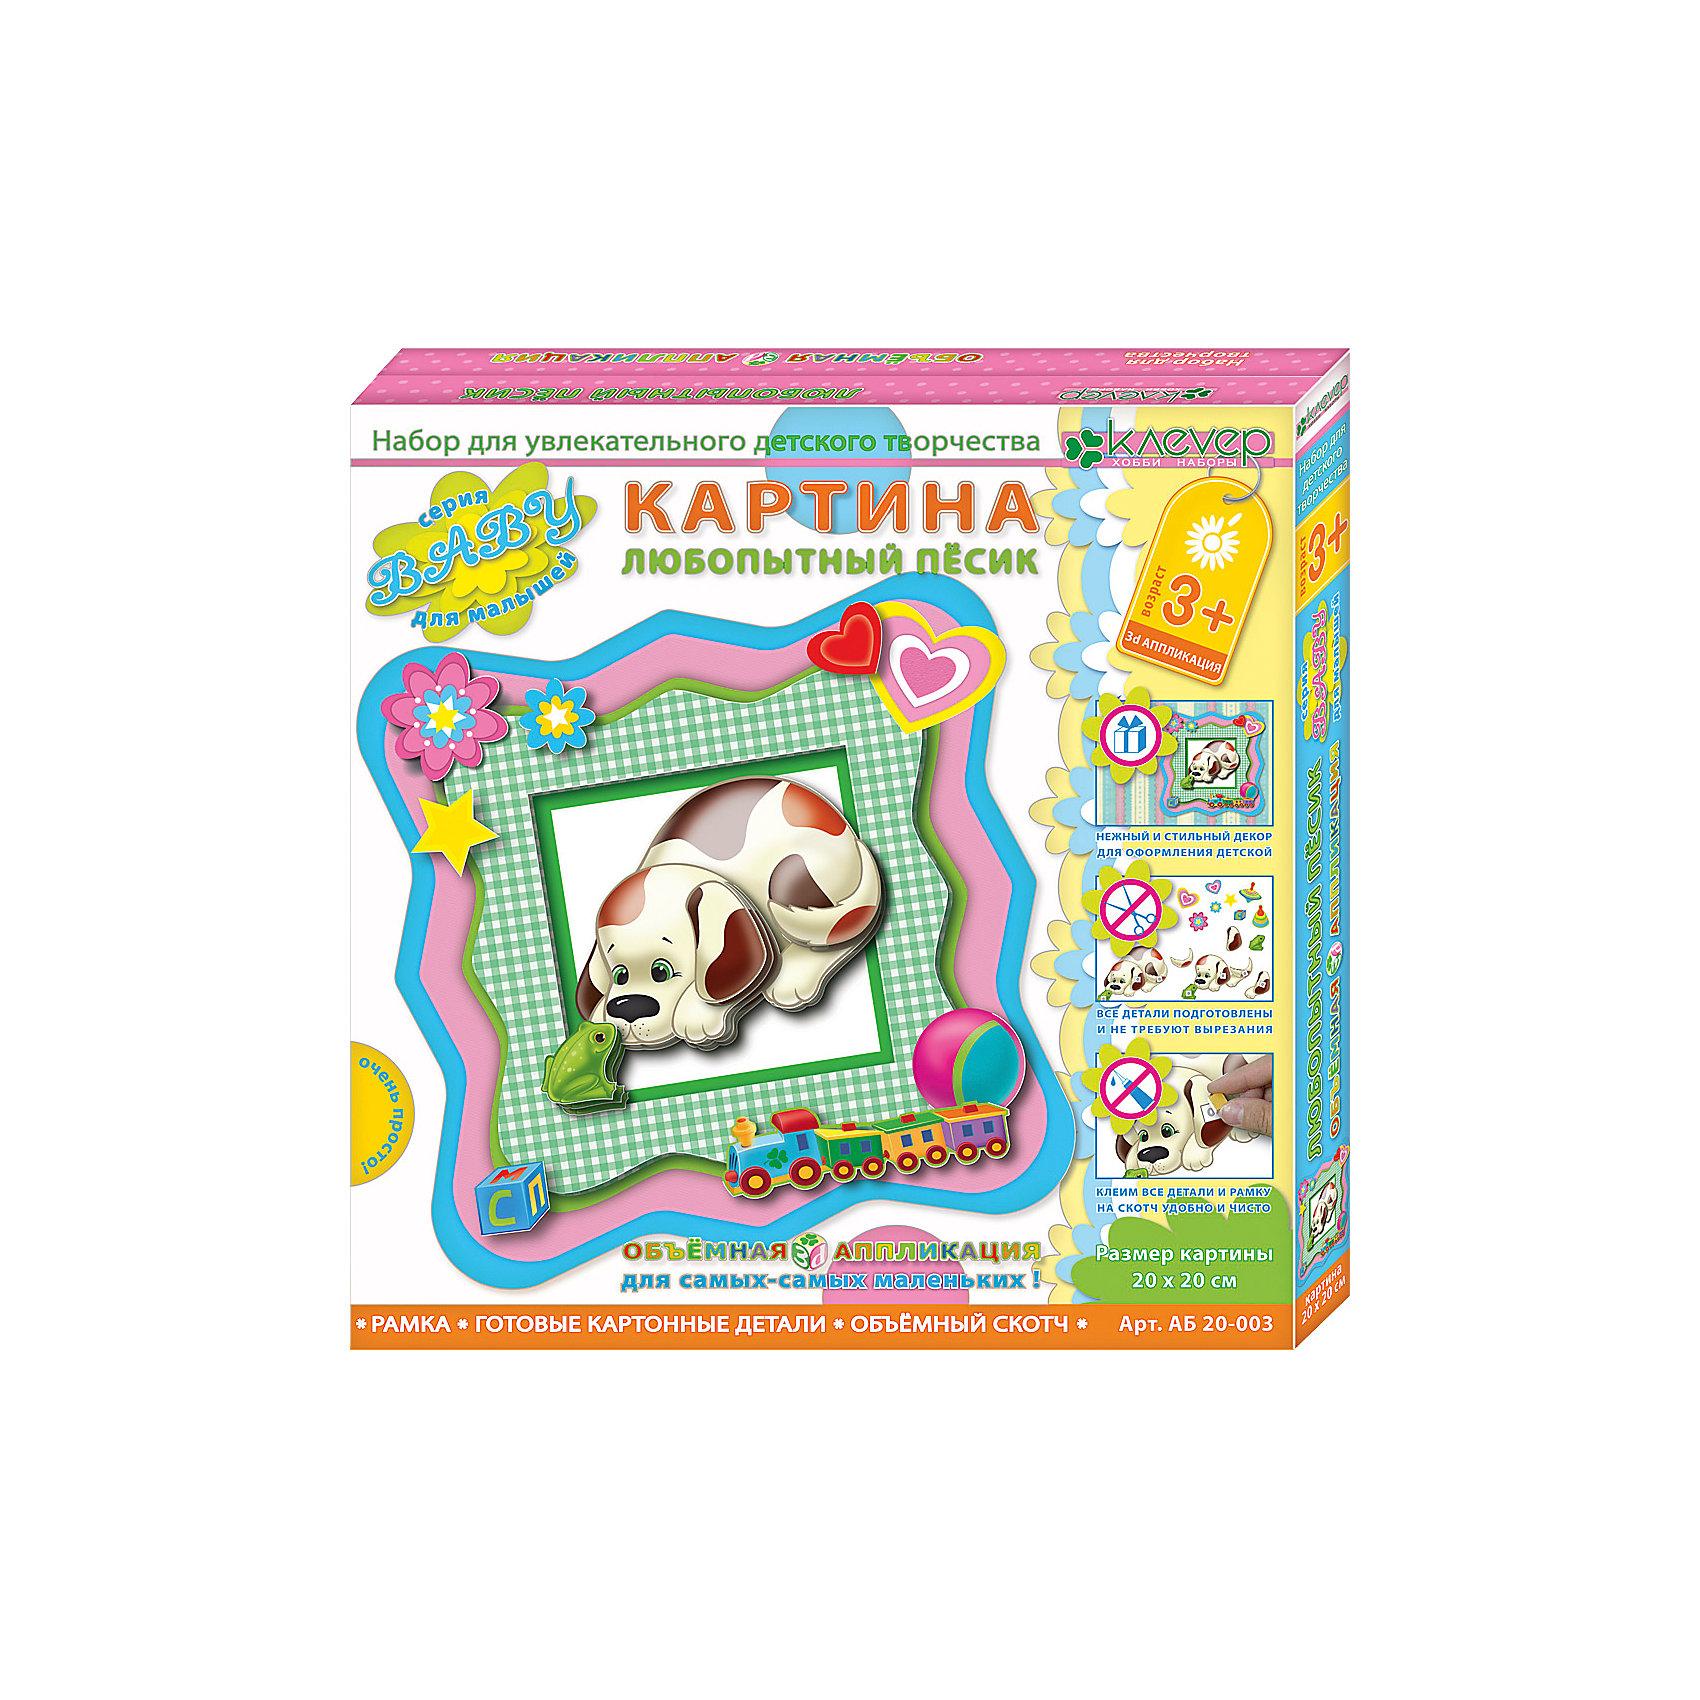 Набор для изготовления картины Любопытный песикРукоделие<br>Характеристики:<br><br>• Коллекция: объемная аппликация<br>• Уровень сложности: средний<br>• Материал: картон, бумага, скотч<br>• Комплектация: набор готовых элементов из цветного картона, картонная основа, рамка, скотч, инструкция<br>• Не требуется использование ножниц<br>• Форма картины: 3d<br>• Размеры готовой картины (Ш*В): 20*20 см<br>• Размеры (Д*Ш*В): 21*21*25 см<br>• Вес: 68 г <br>• Упаковка: картонная коробка<br><br>Уникальность данных наборов заключается в том, что они состоят из материалов разных фактур. Благодаря использованию двухстороннего скотча, рабочее место и одежда ребенка не будет испачкана, а поделка будет выглядеть объемной и аккуратной.<br><br>Набор для изготовления картины Любопытный песик состоит из всех необходимых материалов для создания объемной аппликации с изображением щенка. Для оформления картины в наборе предусмотрена рамка.<br><br>Набор для изготовления картины Любопытный песик можно купить в нашем интернет-магазине.<br><br>Ширина мм: 210<br>Глубина мм: 210<br>Высота мм: 250<br>Вес г: 68<br>Возраст от месяцев: 36<br>Возраст до месяцев: 60<br>Пол: Унисекс<br>Возраст: Детский<br>SKU: 5541524